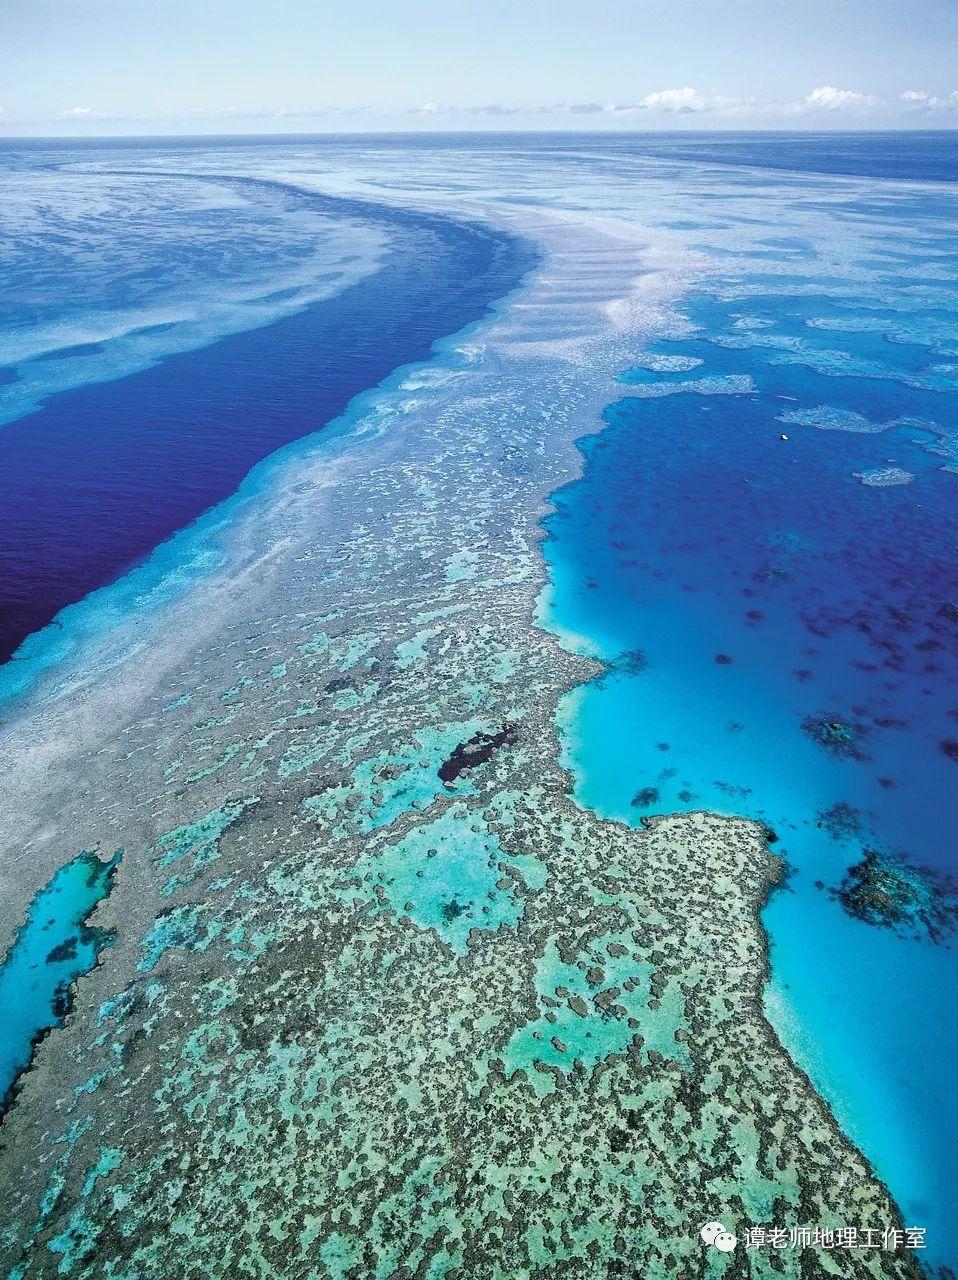 【旅行地理】只想陪你走遍全世界最美的100座海岛